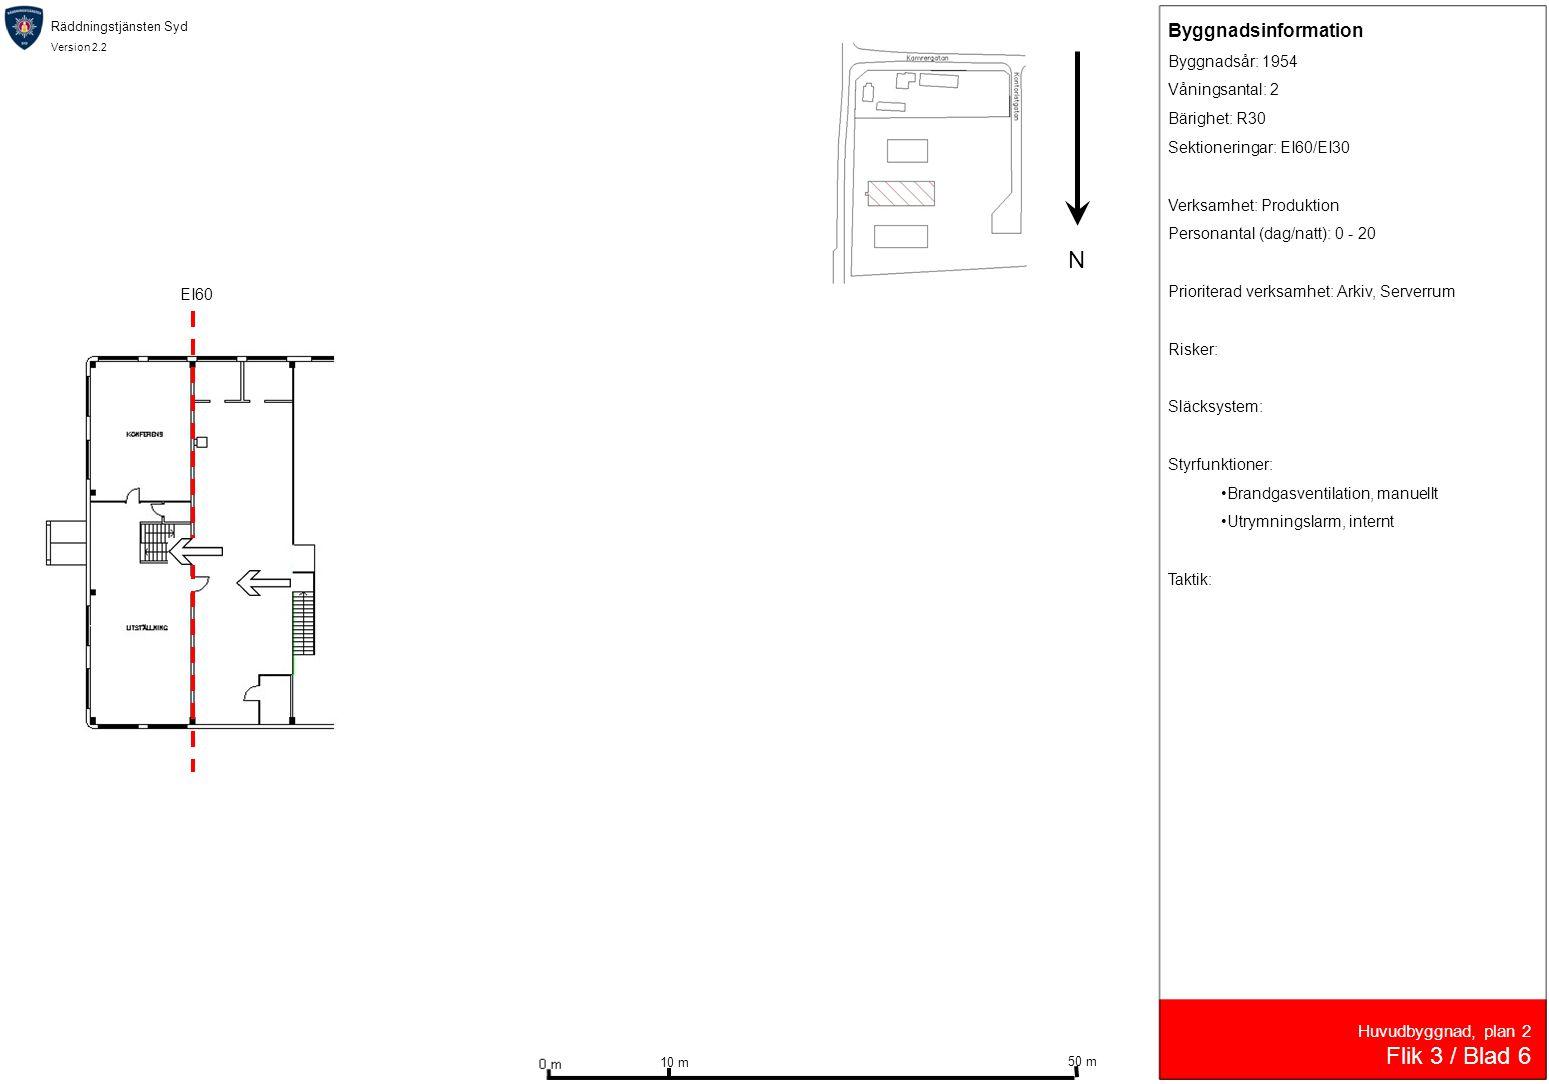 Räddningstjänsten Syd Version 2.2 Huvudbyggnad, plan 2 Flik 3 / Blad 6 EI60 N 10 m 50 m Byggnadsinformation Byggnadsår: 1954 Våningsantal: 2 Bärighet: